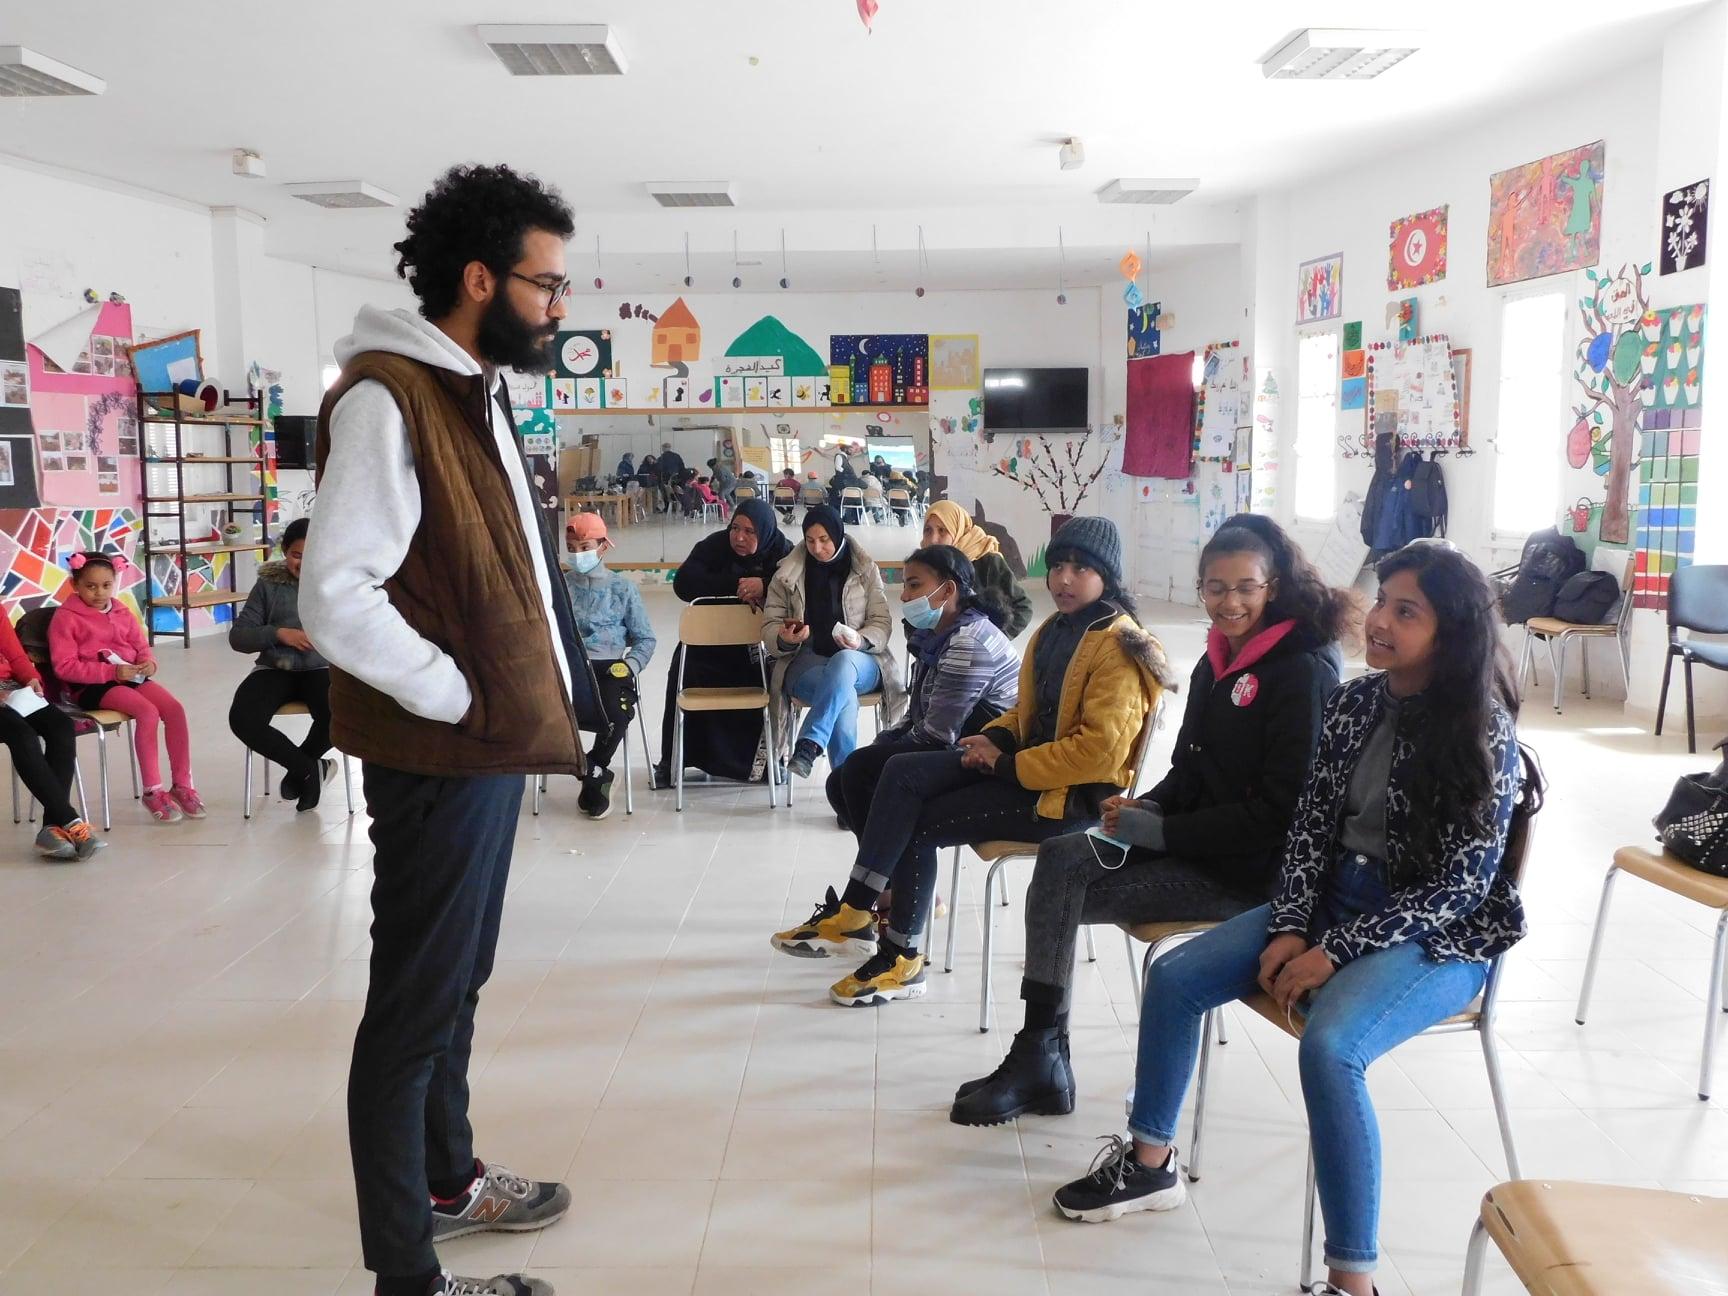 Projet Shabab : avancement des projets élaborés par les adolescent.e.s de Borj El Amri